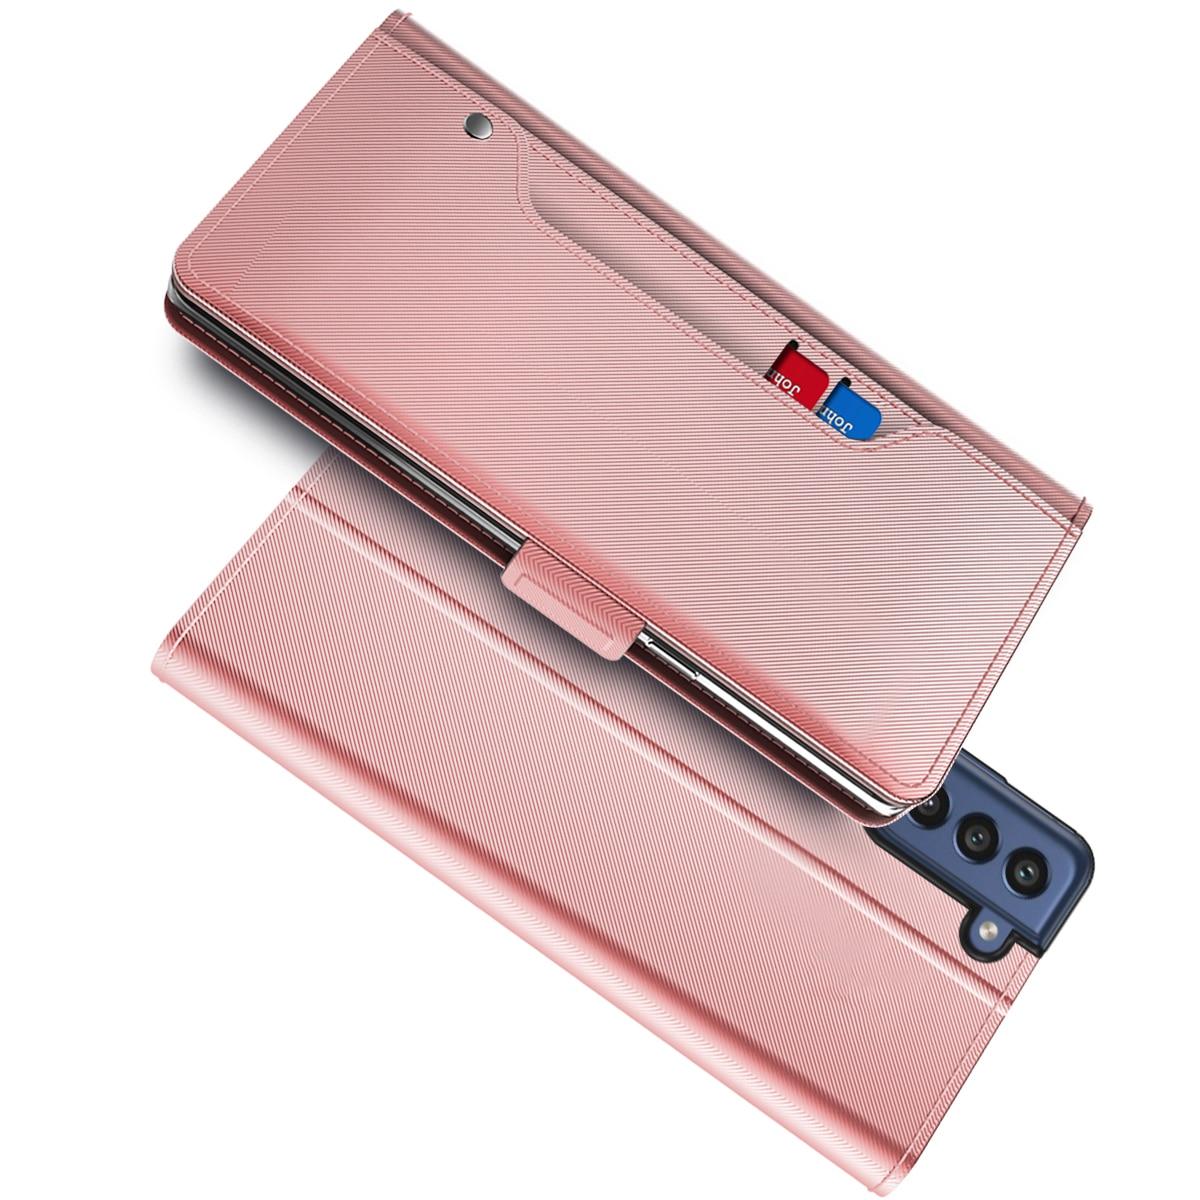 Plånboksfodral Spegel Galaxy S21 FE rosa guld